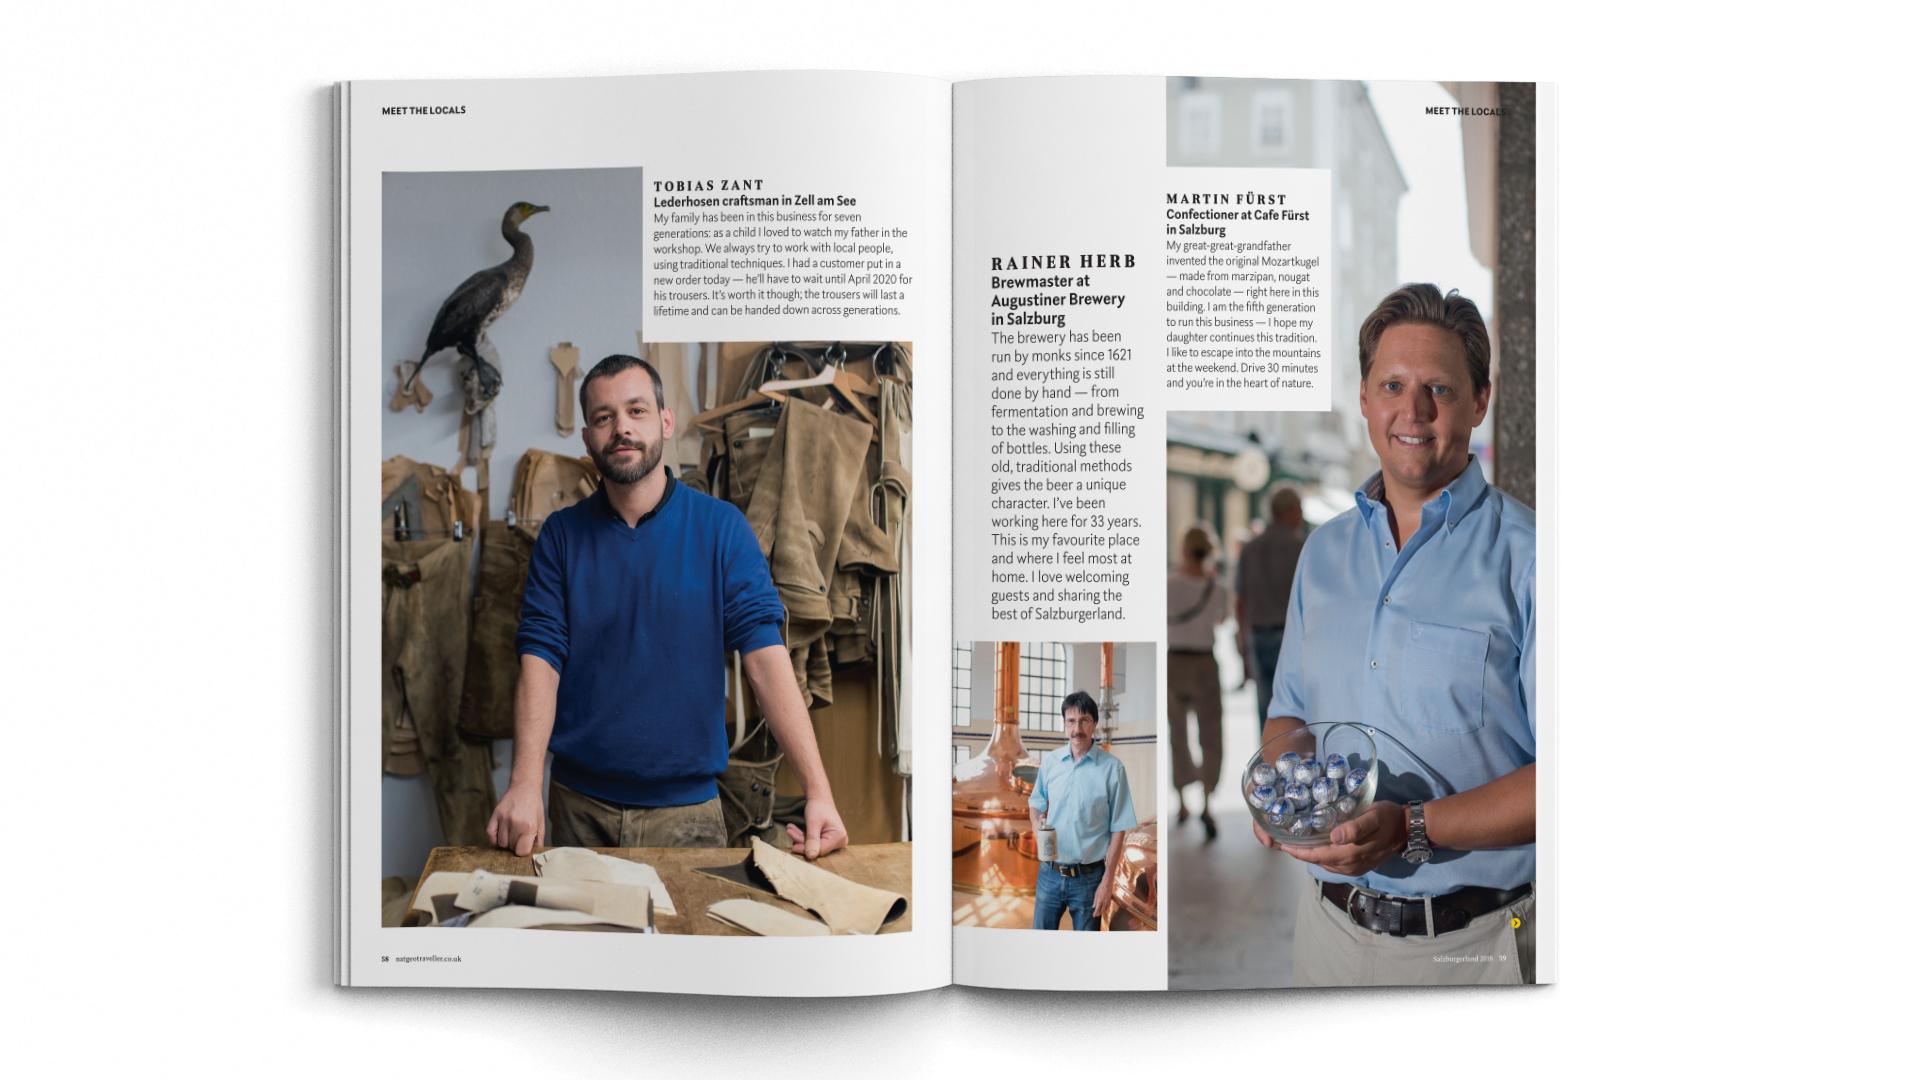 A4-Magazine-DPS-NGT-SALZ-Meet-the-locals-3